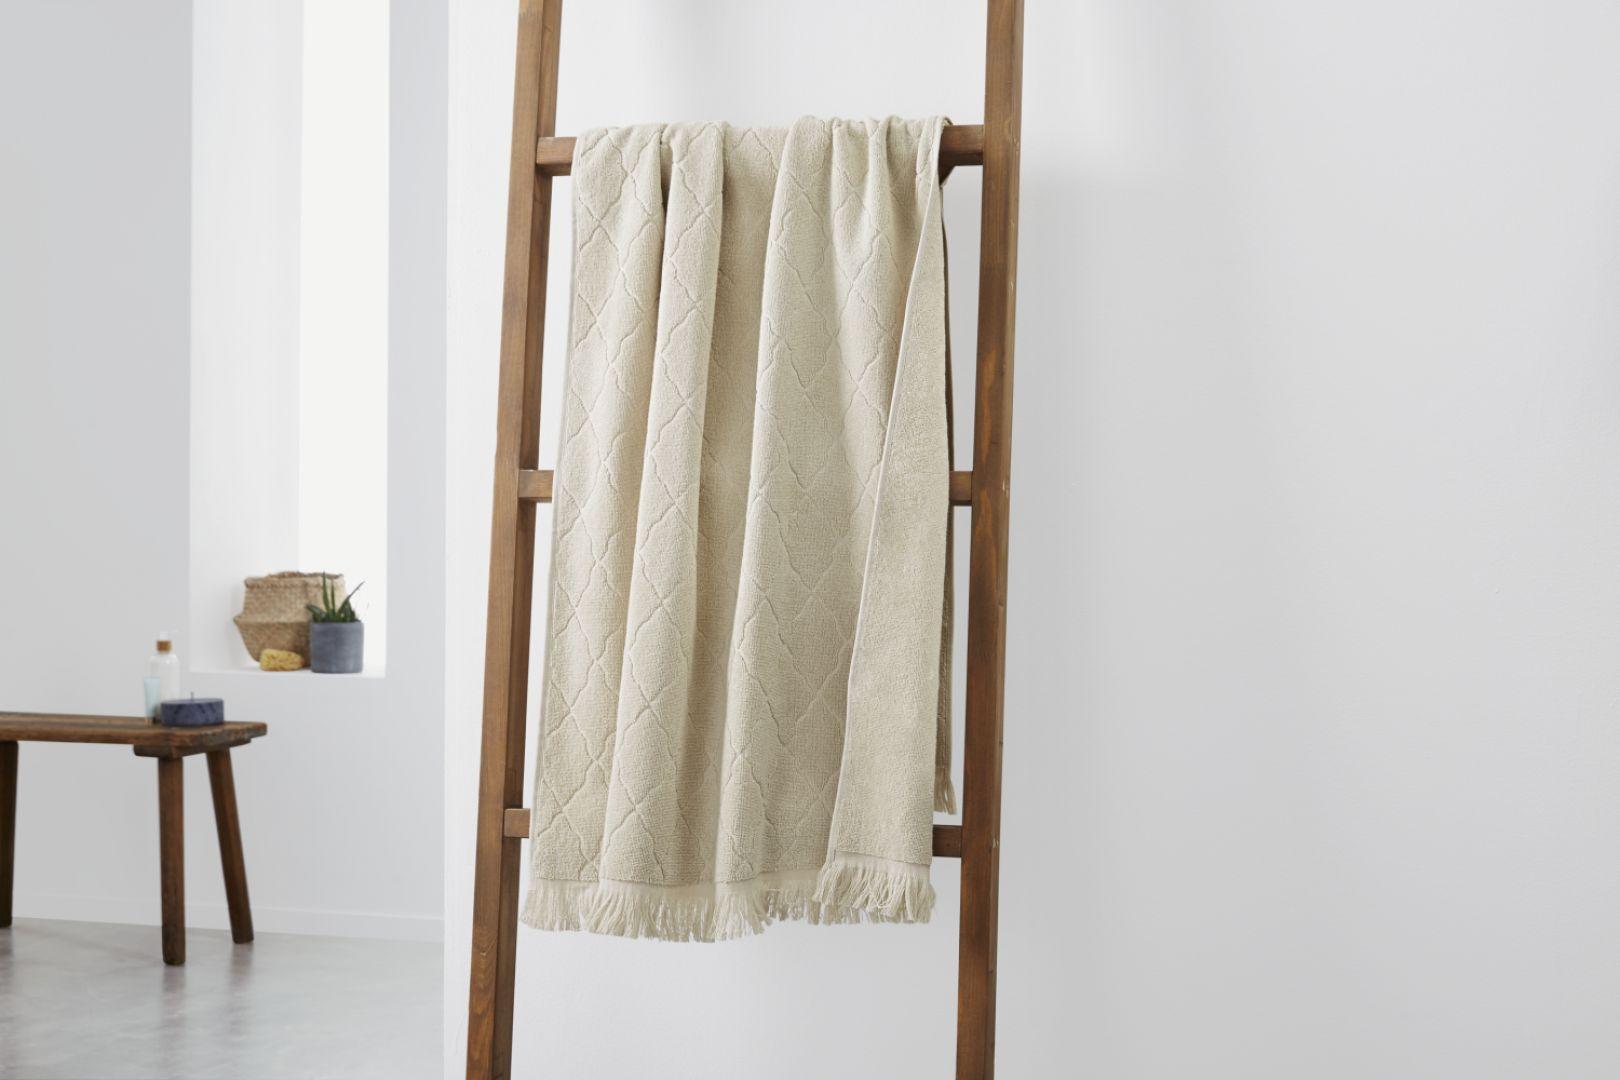 Wykonana z litego drewna dekoracyjna drabina będzie nie tylko estetycznym urozmaiceniem wystroju łazienki, ale również praktycznym wieszakiem na ręcznik. Fot. Tchibo